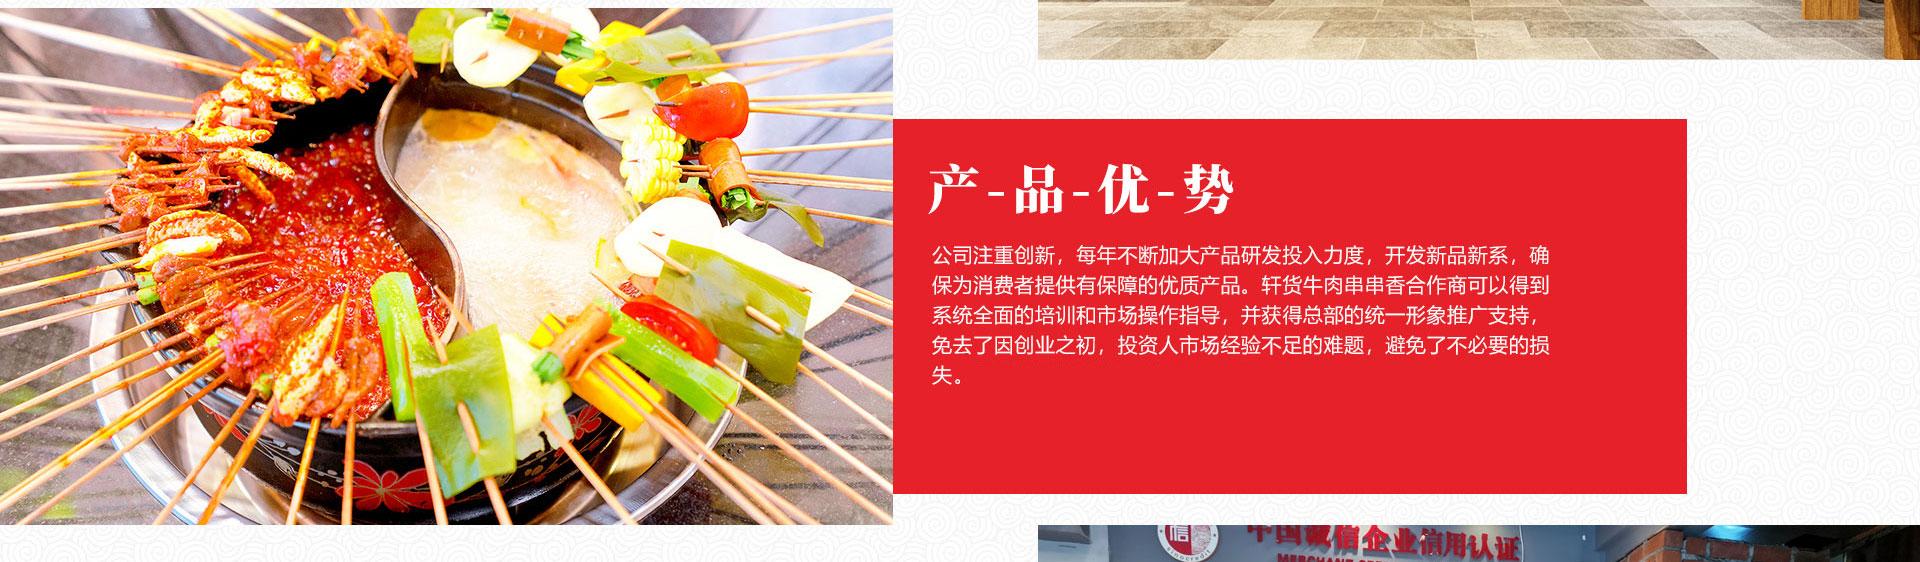 轩货牛肉串串香xhccx_11